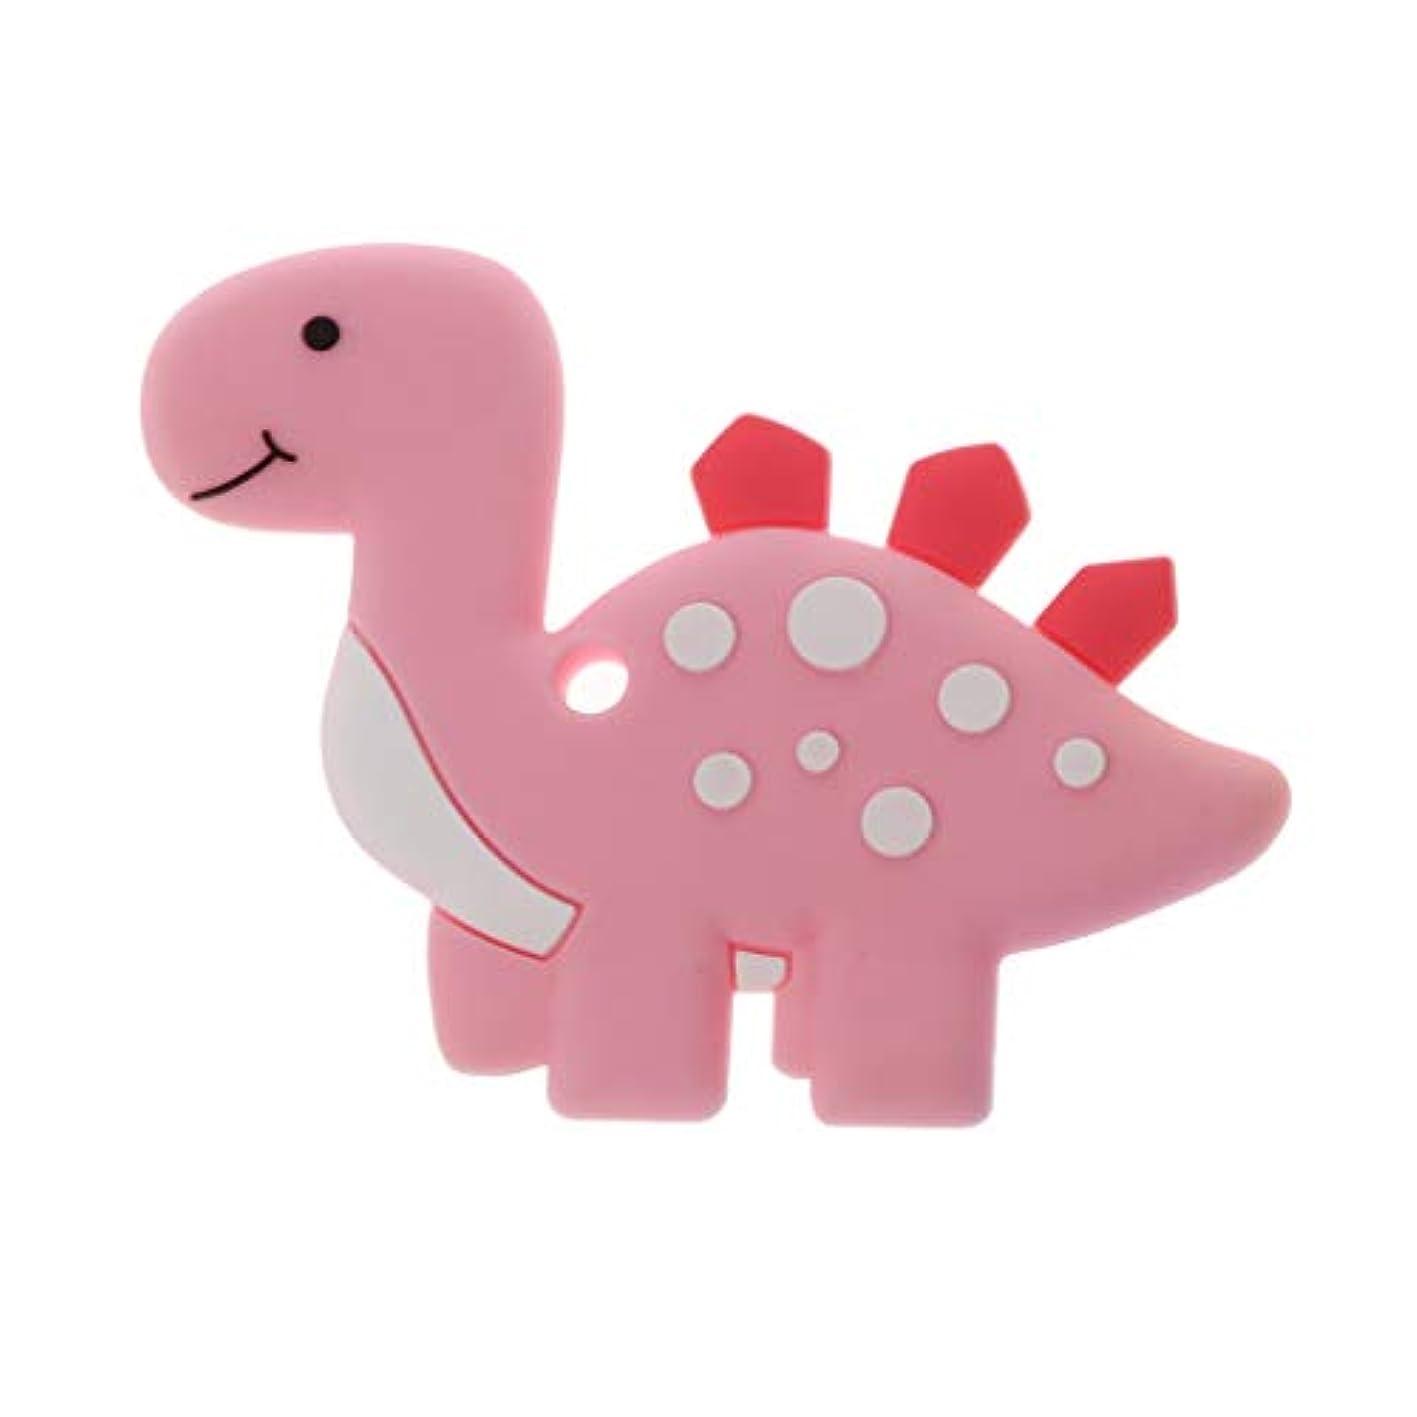 パッチ返還いじめっ子Landdumシリコーンおしゃぶり恐竜おしゃべり赤ちゃん看護玩具かむ玩具歯が生えるガラガラおもちゃ - ロイヤルブルー